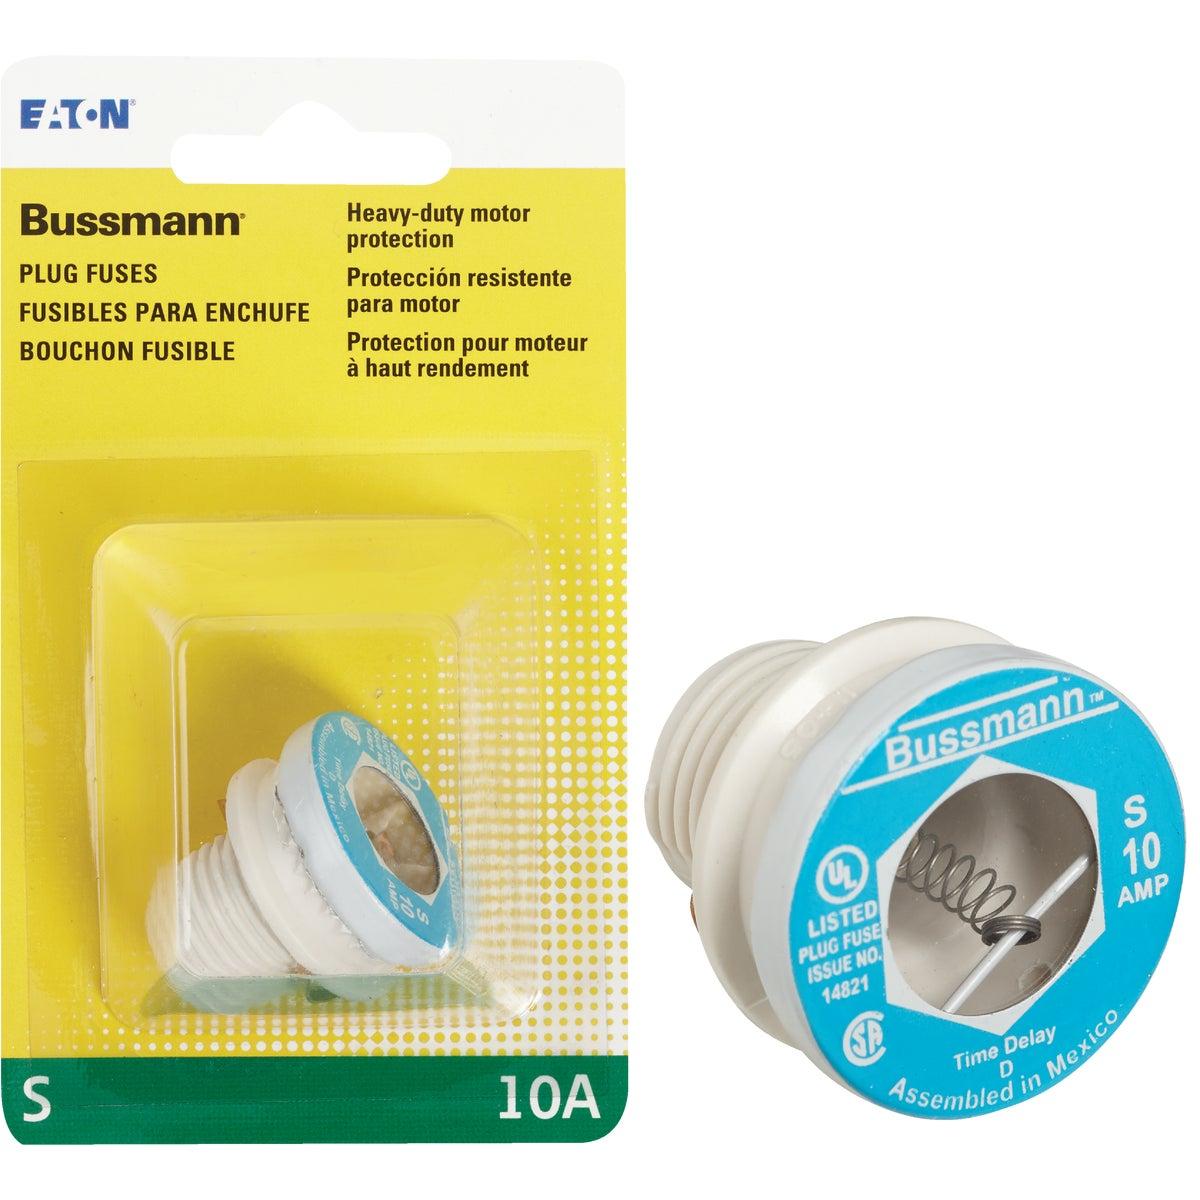 10A S SERIES PLUG FUSE - BP/S-10 by Bussmann Cooper